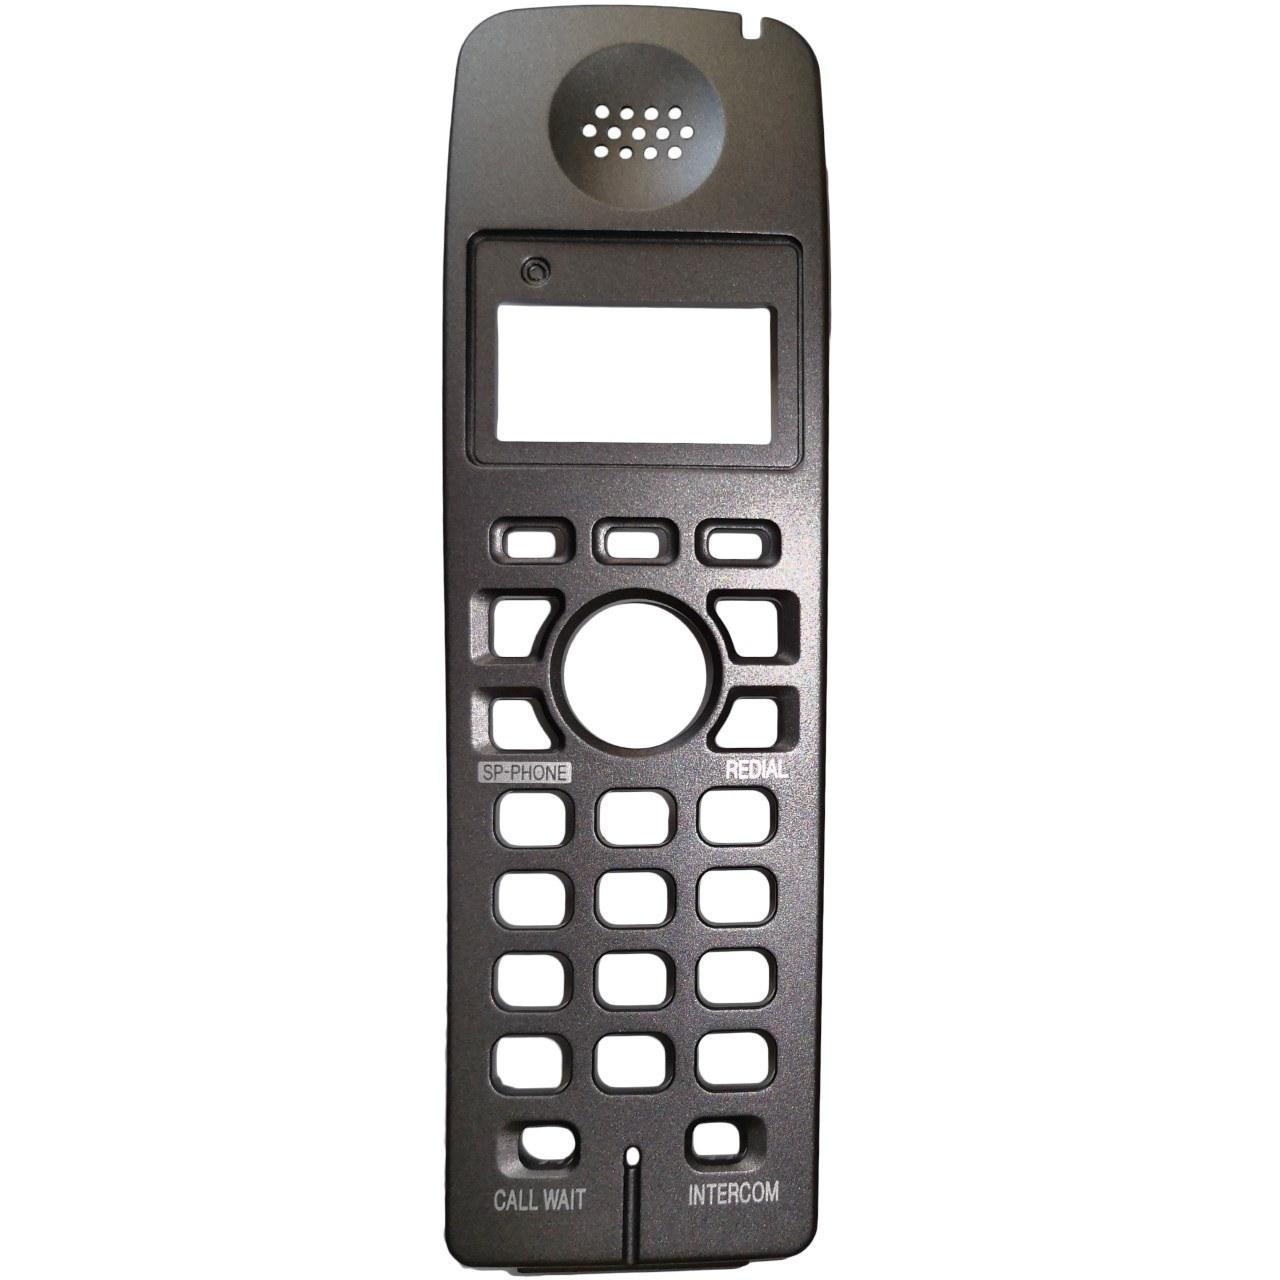 تصویر قاب یدکی تلفن پاناسونیک مدل 3531